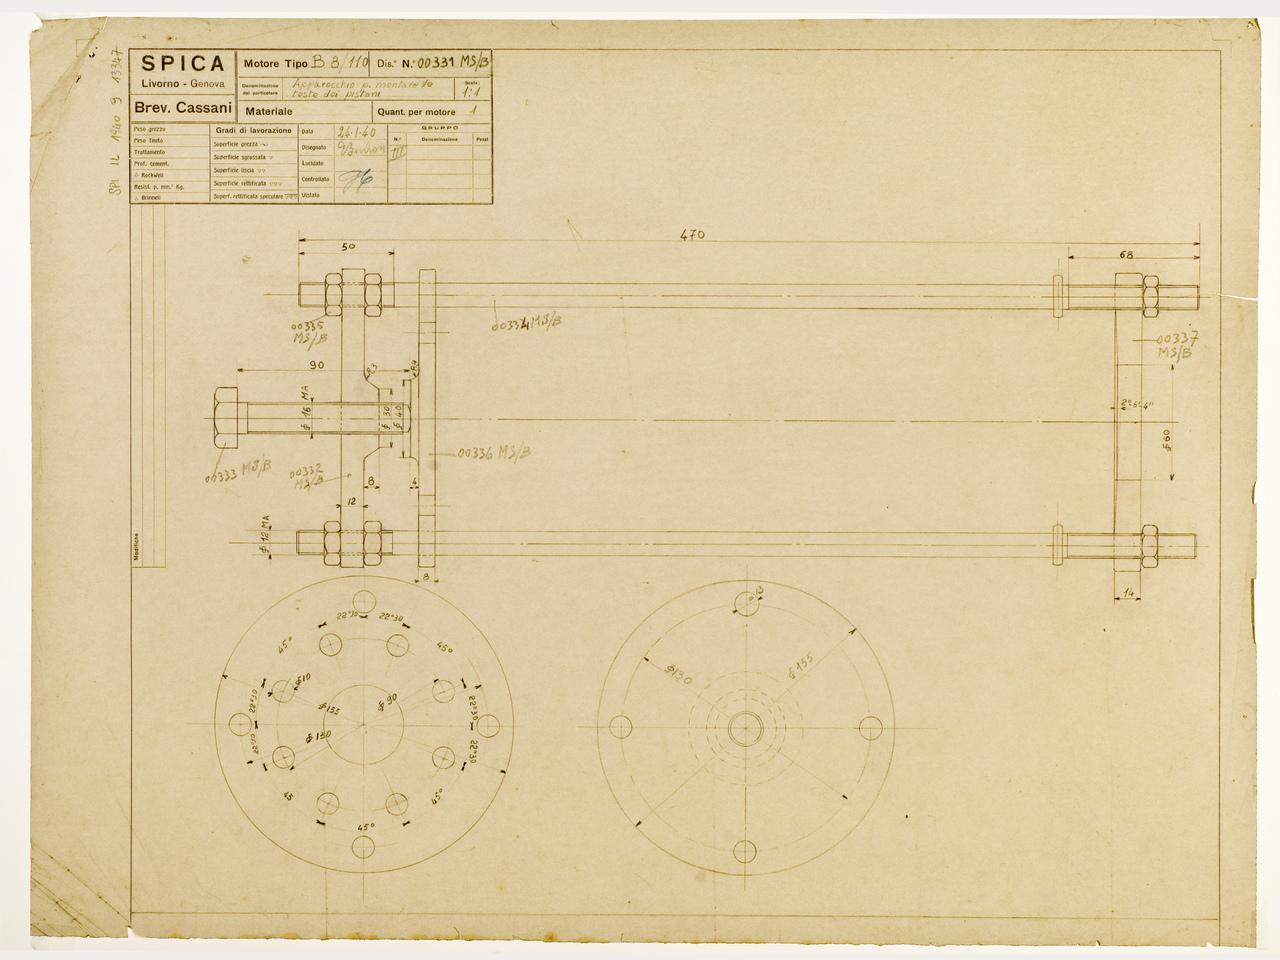 Motore B 8/110 - Disegno 00331 - Apparecchio per montare ila testa dei pistoni